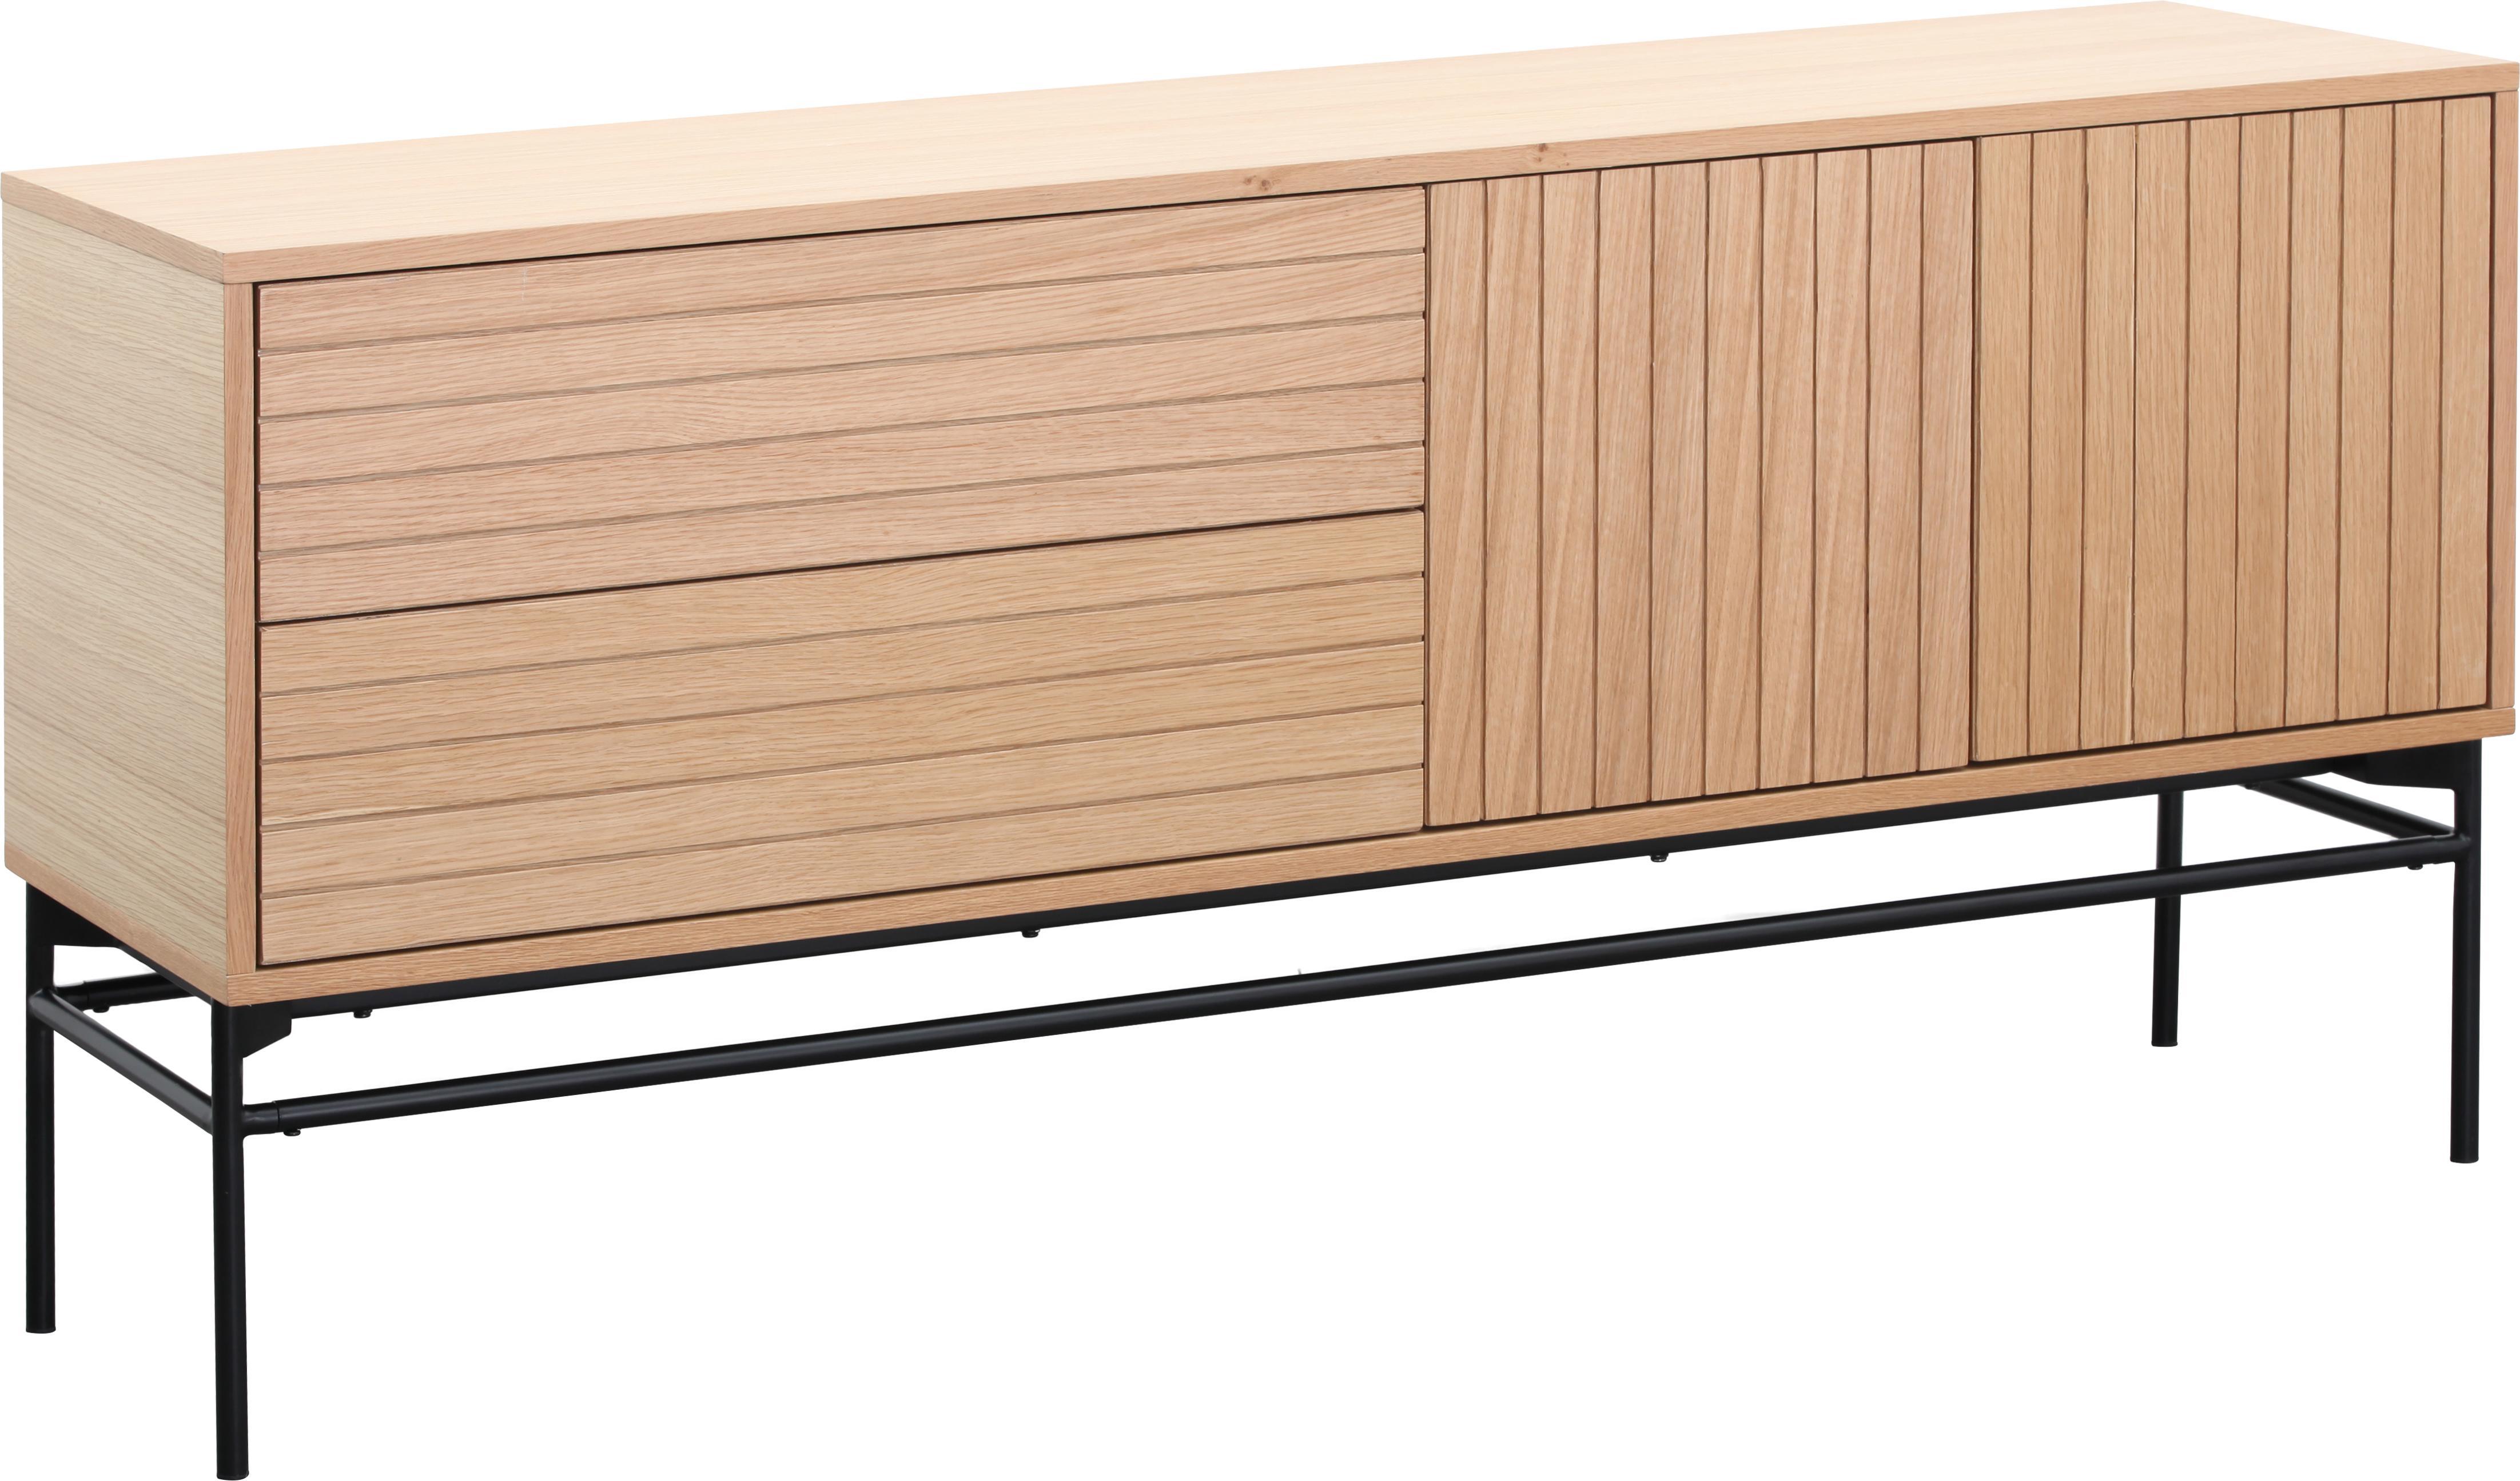 Modernes Sideboard Johan, Korpus: Mitteldichte Holzfaserpla, Korpus: EichenholzfurnierFüsse: Schwarz, matt, 160 x 75 cm